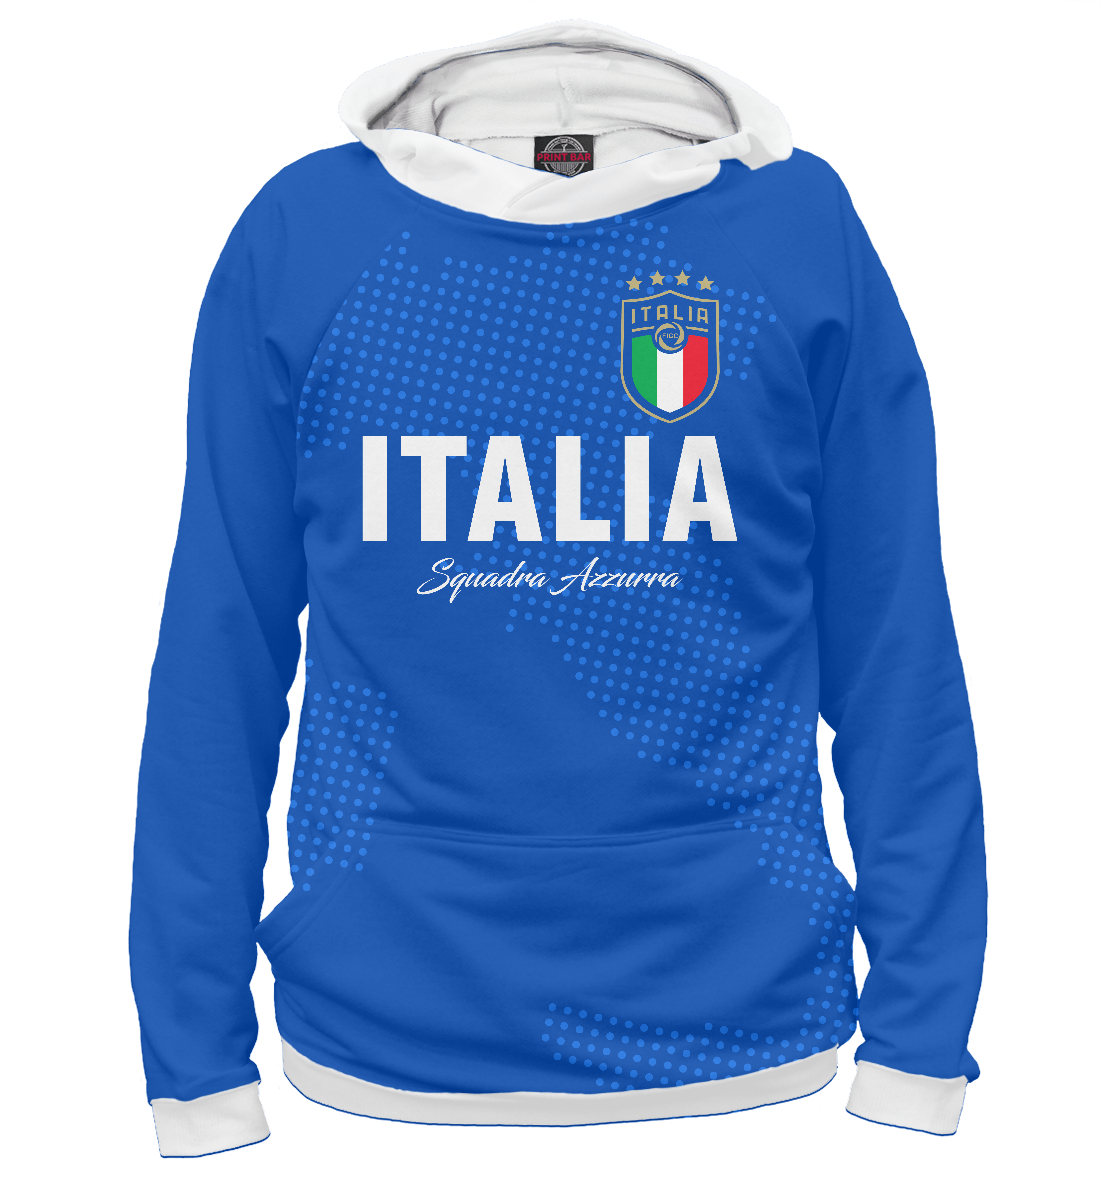 Купить Италия, Printbar, Худи, FNS-186686-hud-2